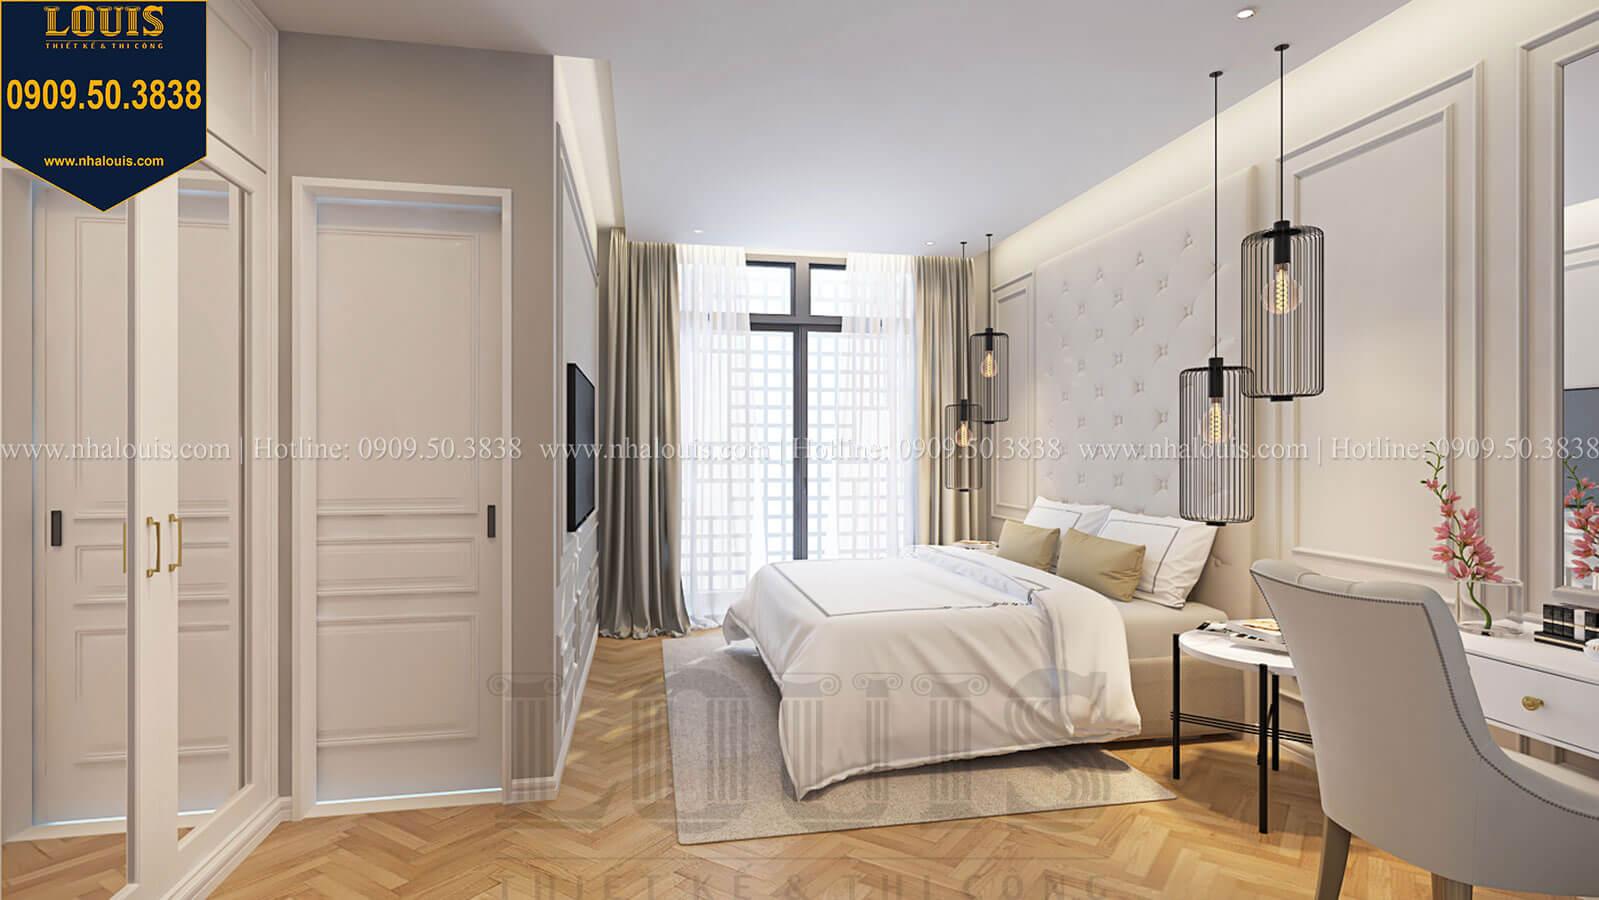 Phòng ngủ master Nhà đơn giản nhưng tinh tế với không gian mở tại Tân Bình - 24